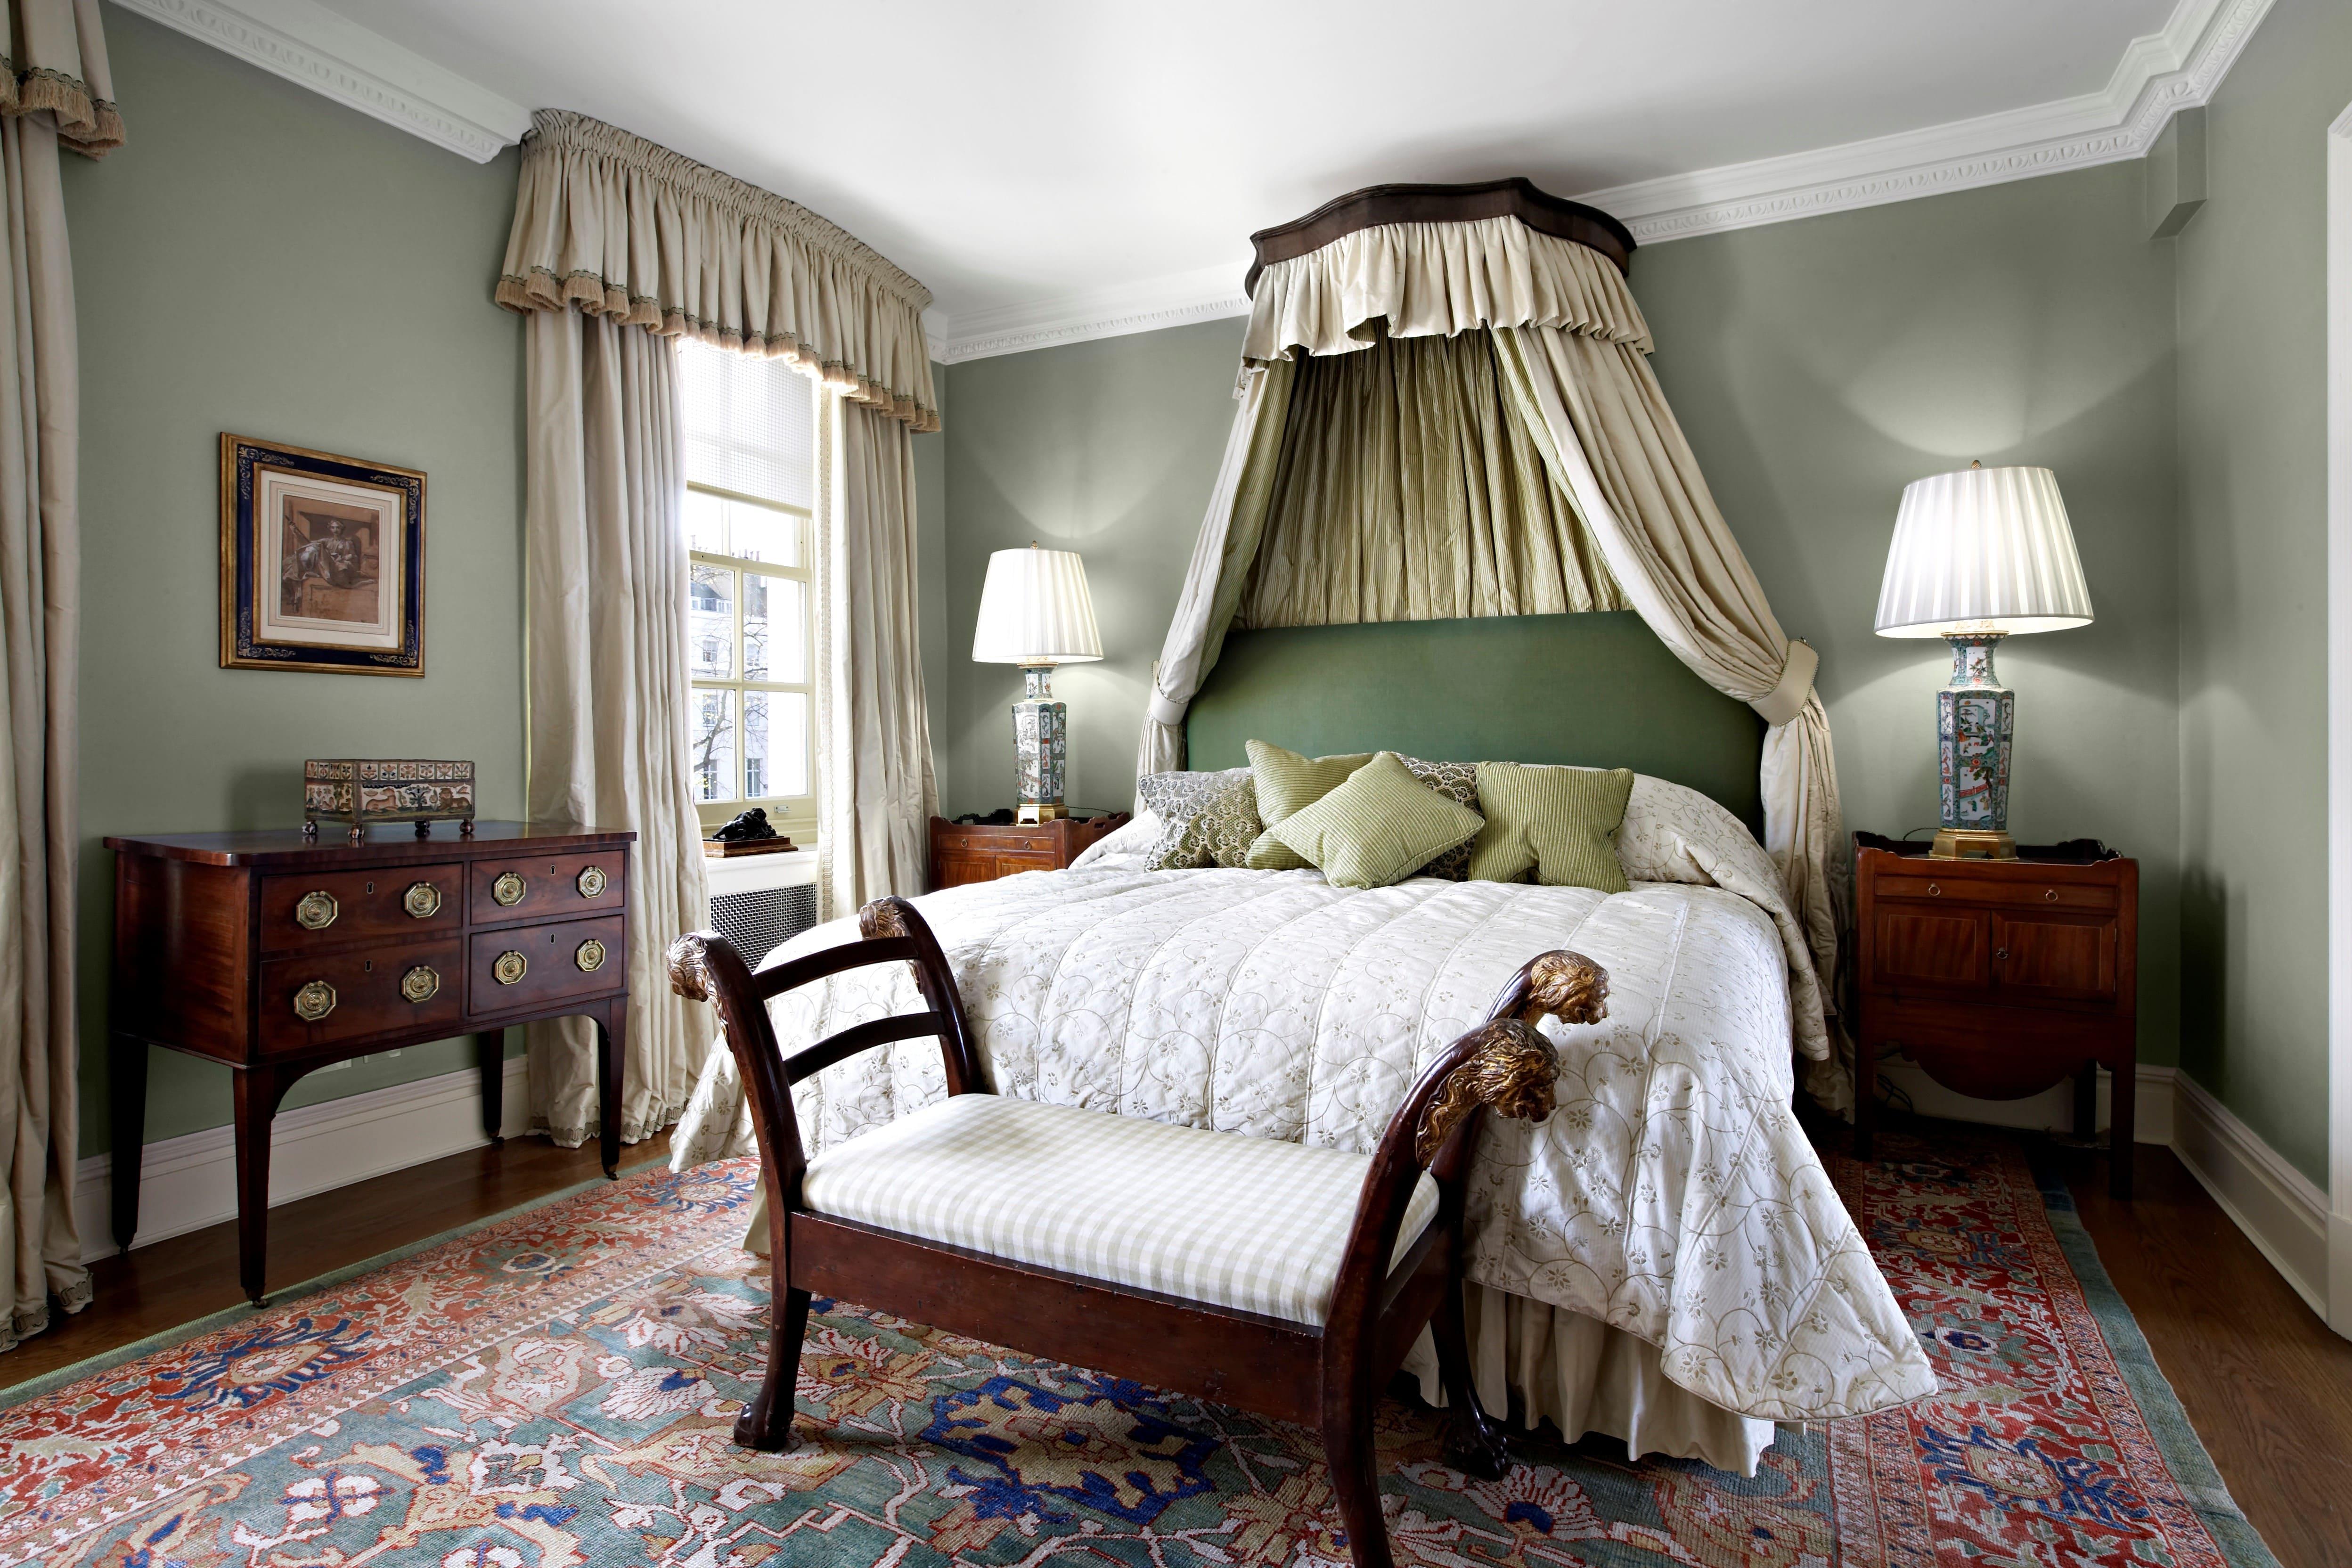 Mẫu thiết kế phòng ngủ nhà chung cư sang trọng cổ điển